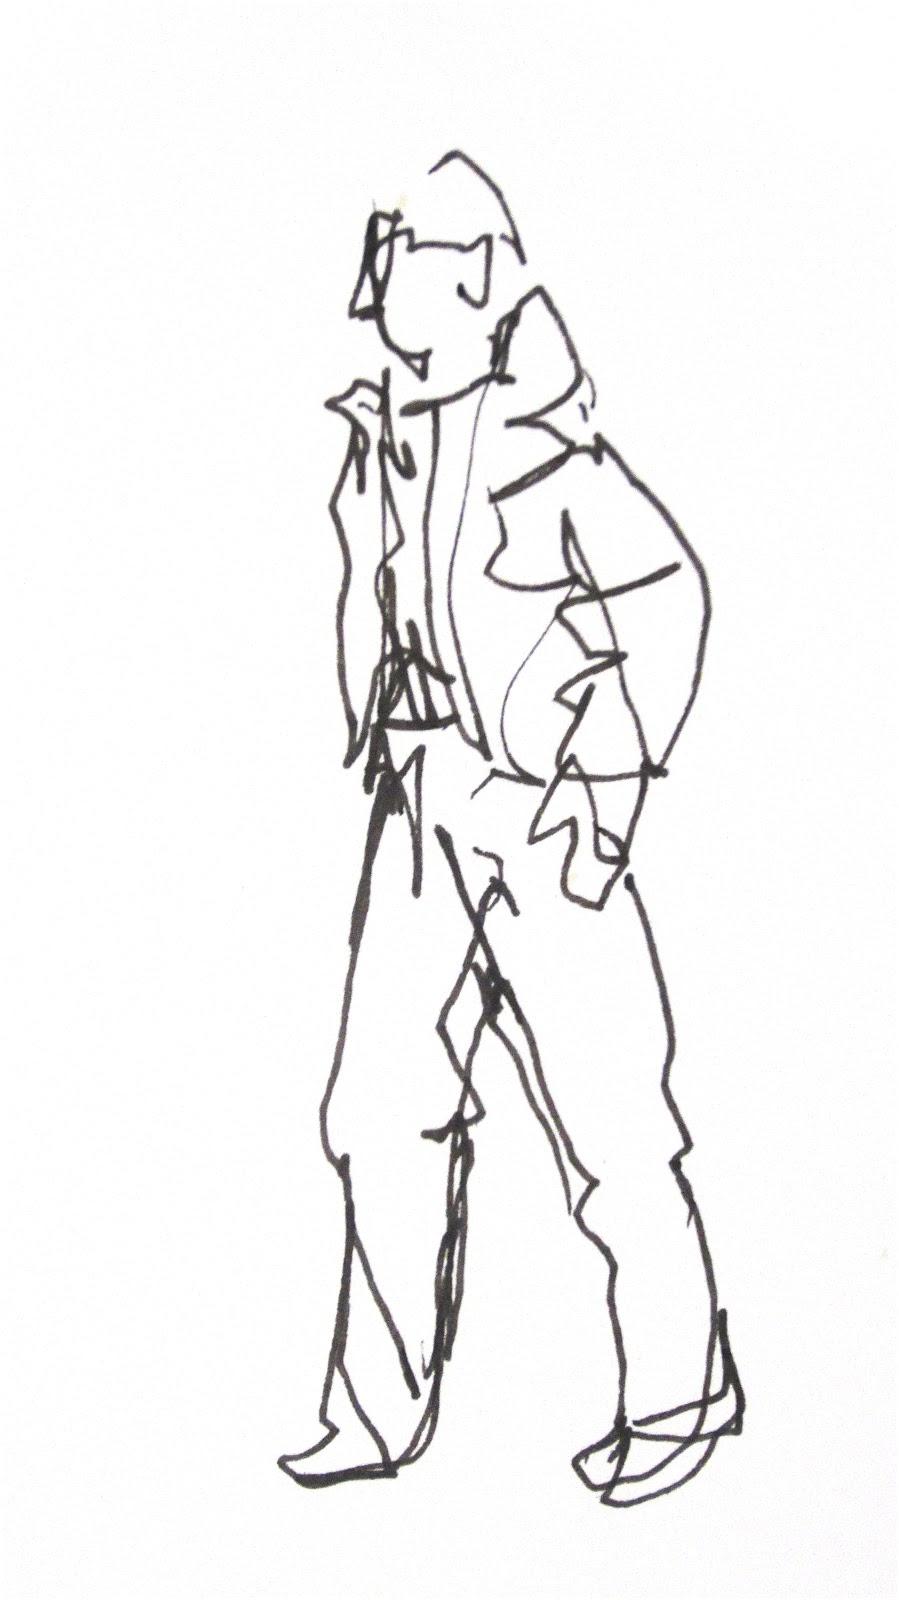 Contour Line Drawing Of Figures : Grace burney parsons continuous line contours l drawing